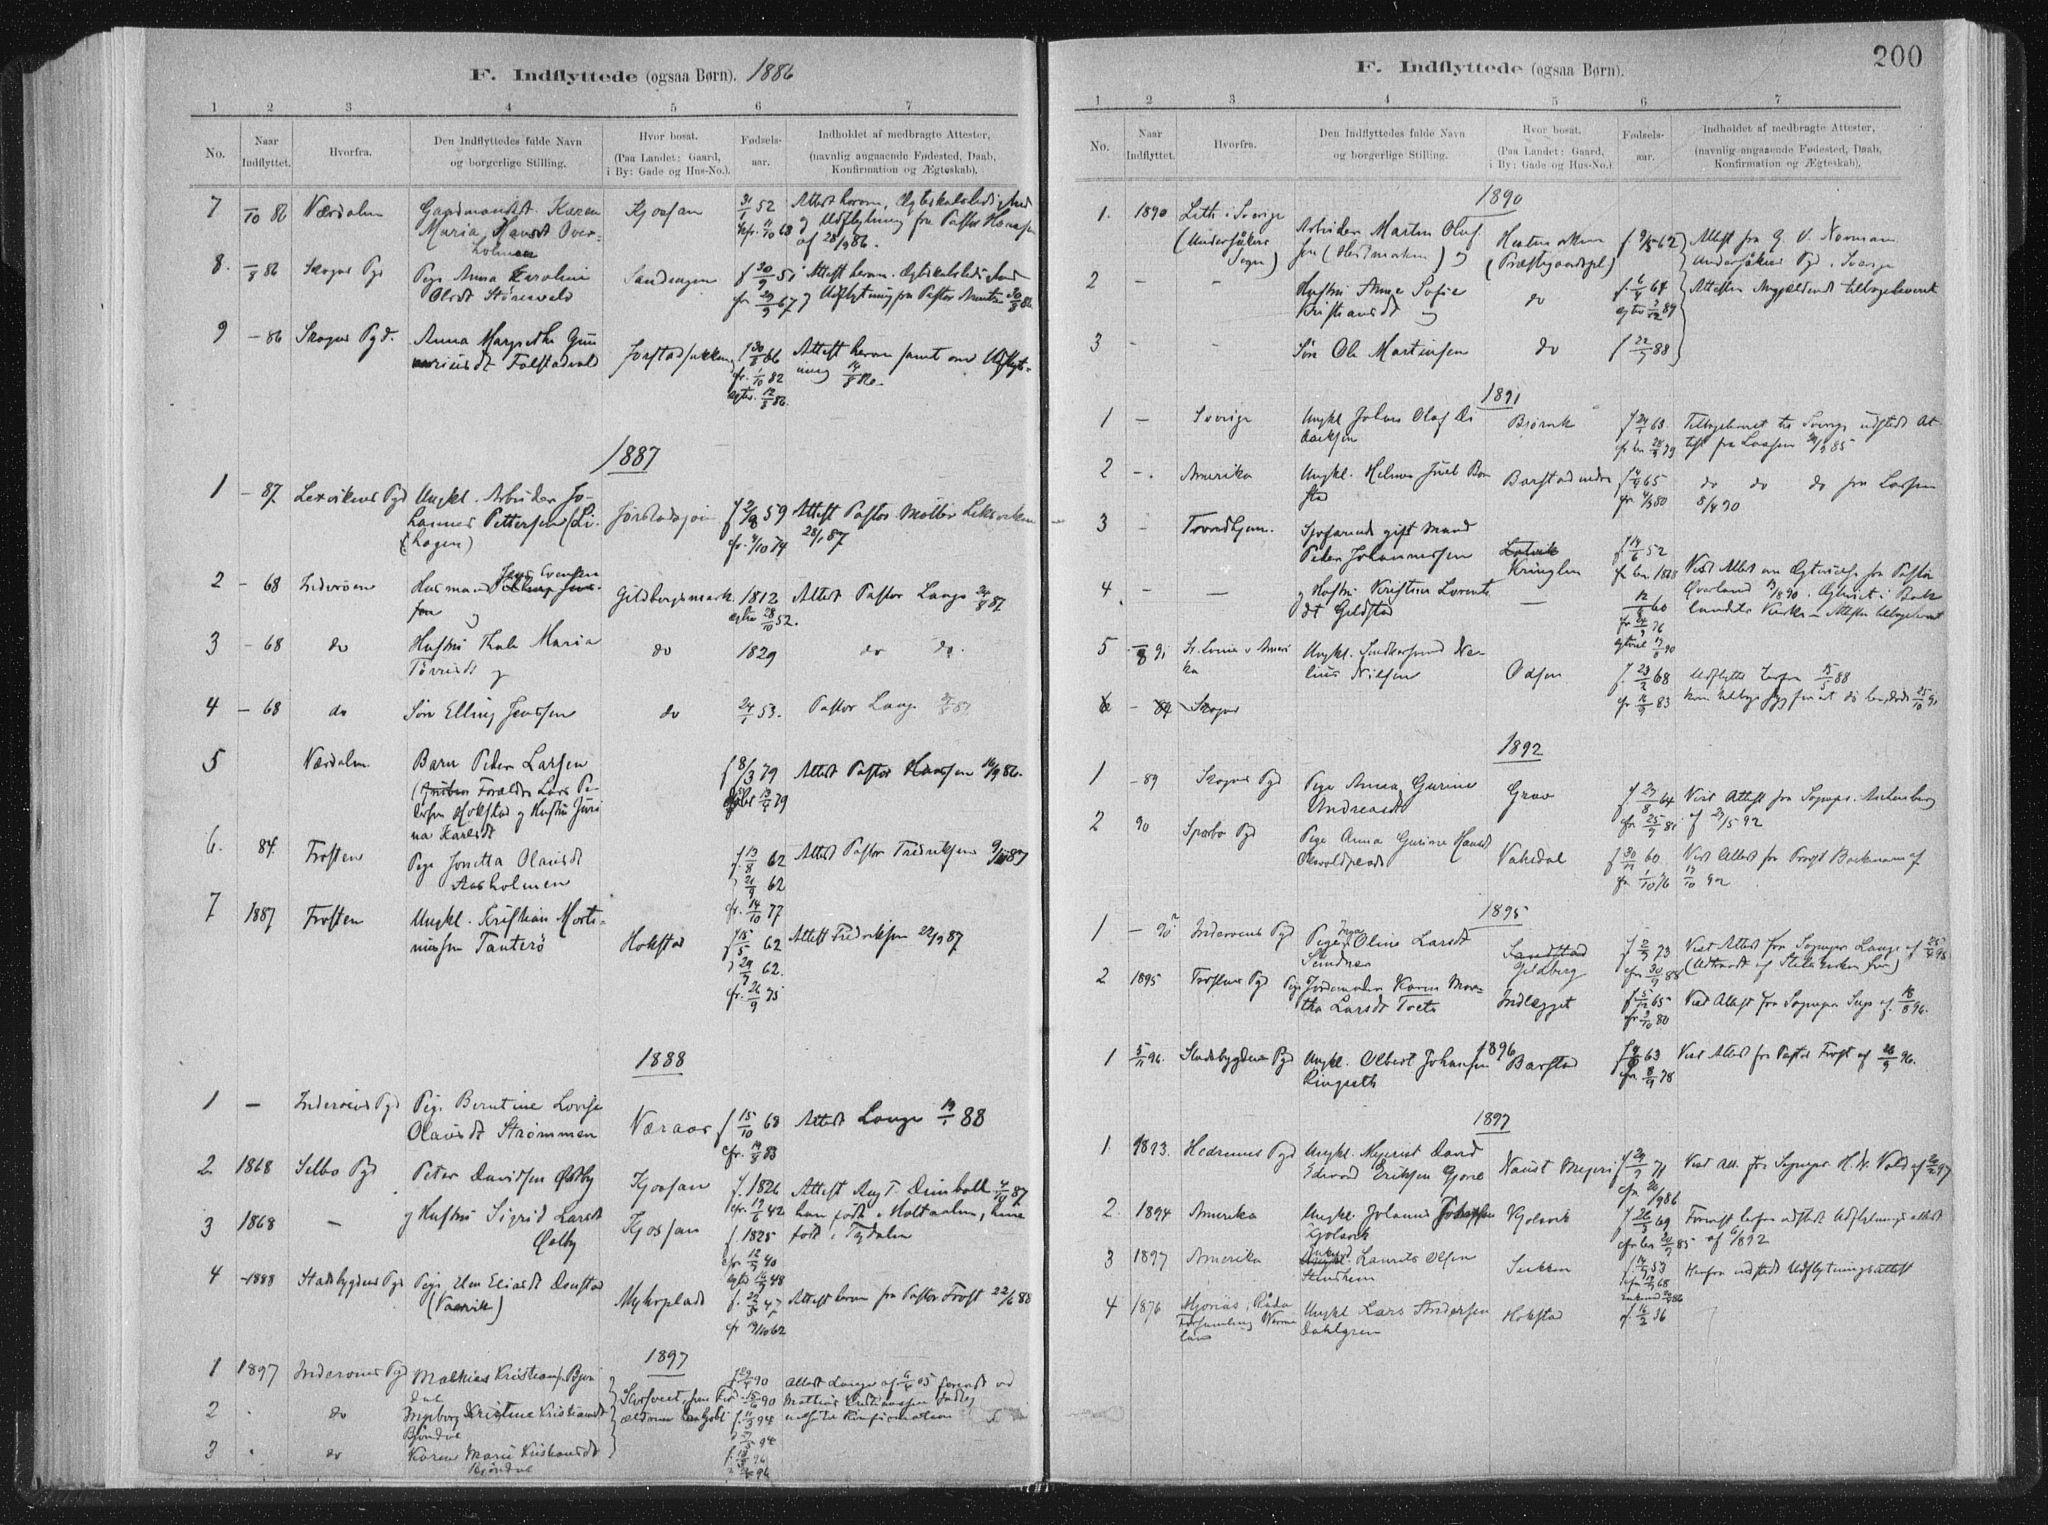 SAT, Ministerialprotokoller, klokkerbøker og fødselsregistre - Nord-Trøndelag, 722/L0220: Ministerialbok nr. 722A07, 1881-1908, s. 200